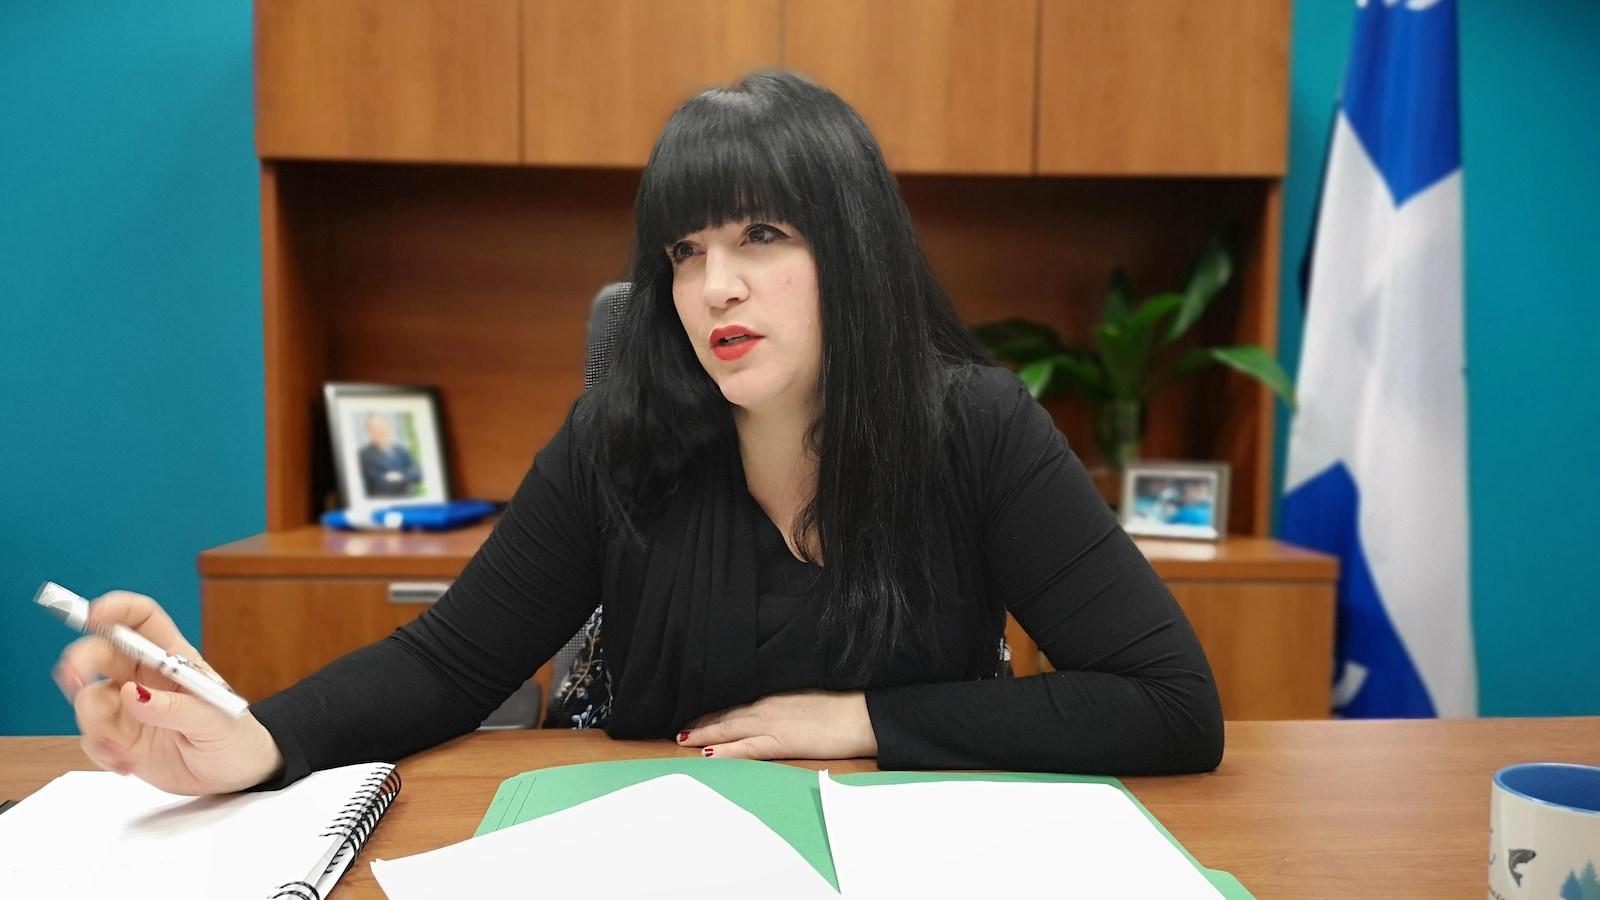 Marilène Gill, députée du Bloc québécois pour la circonscription de Manicouagan